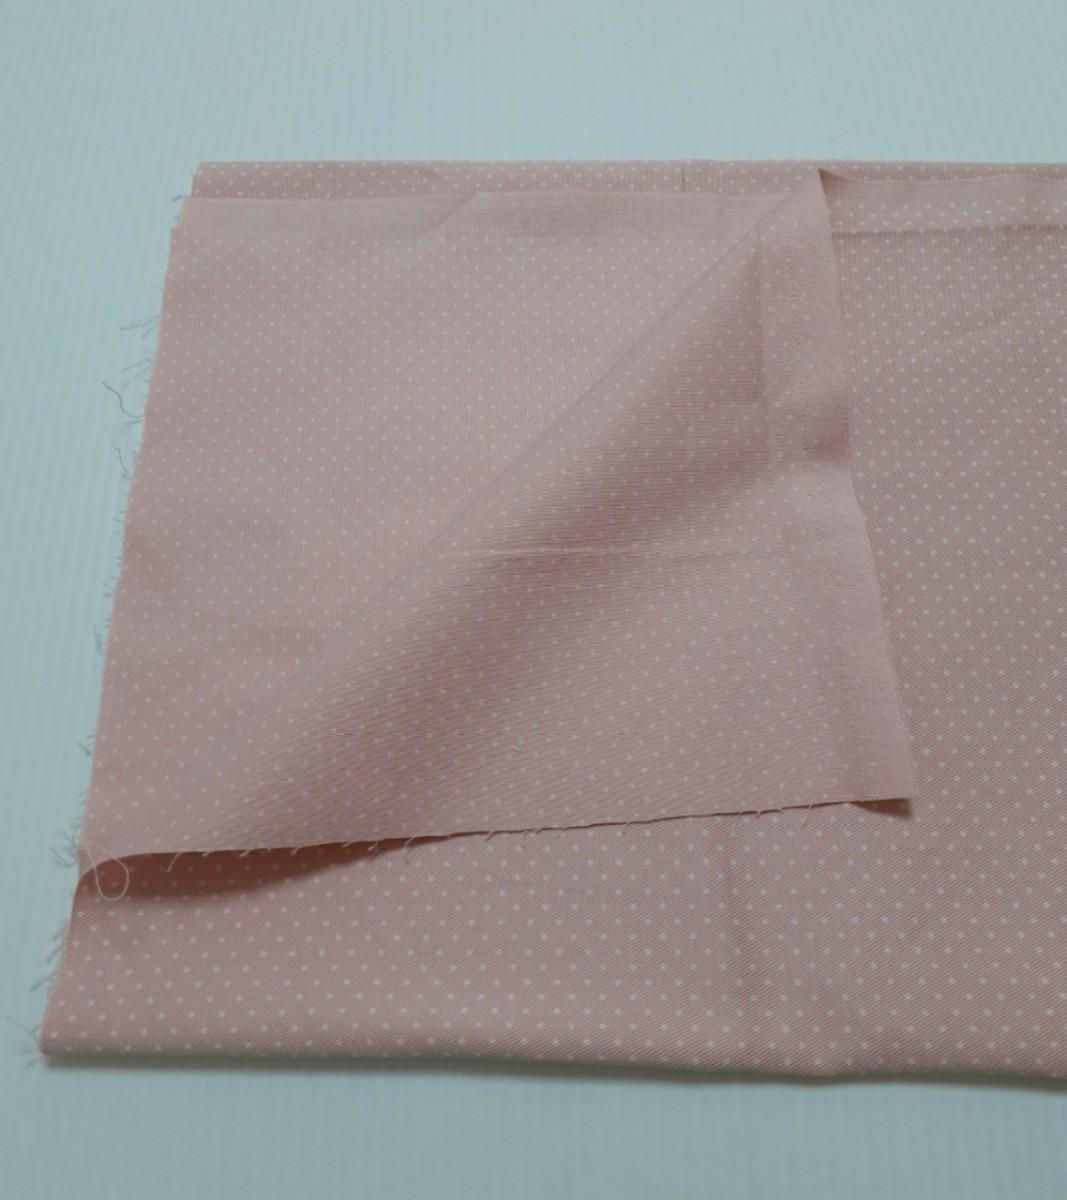 ツイル生地 ピンク 水玉 ドット 120×64